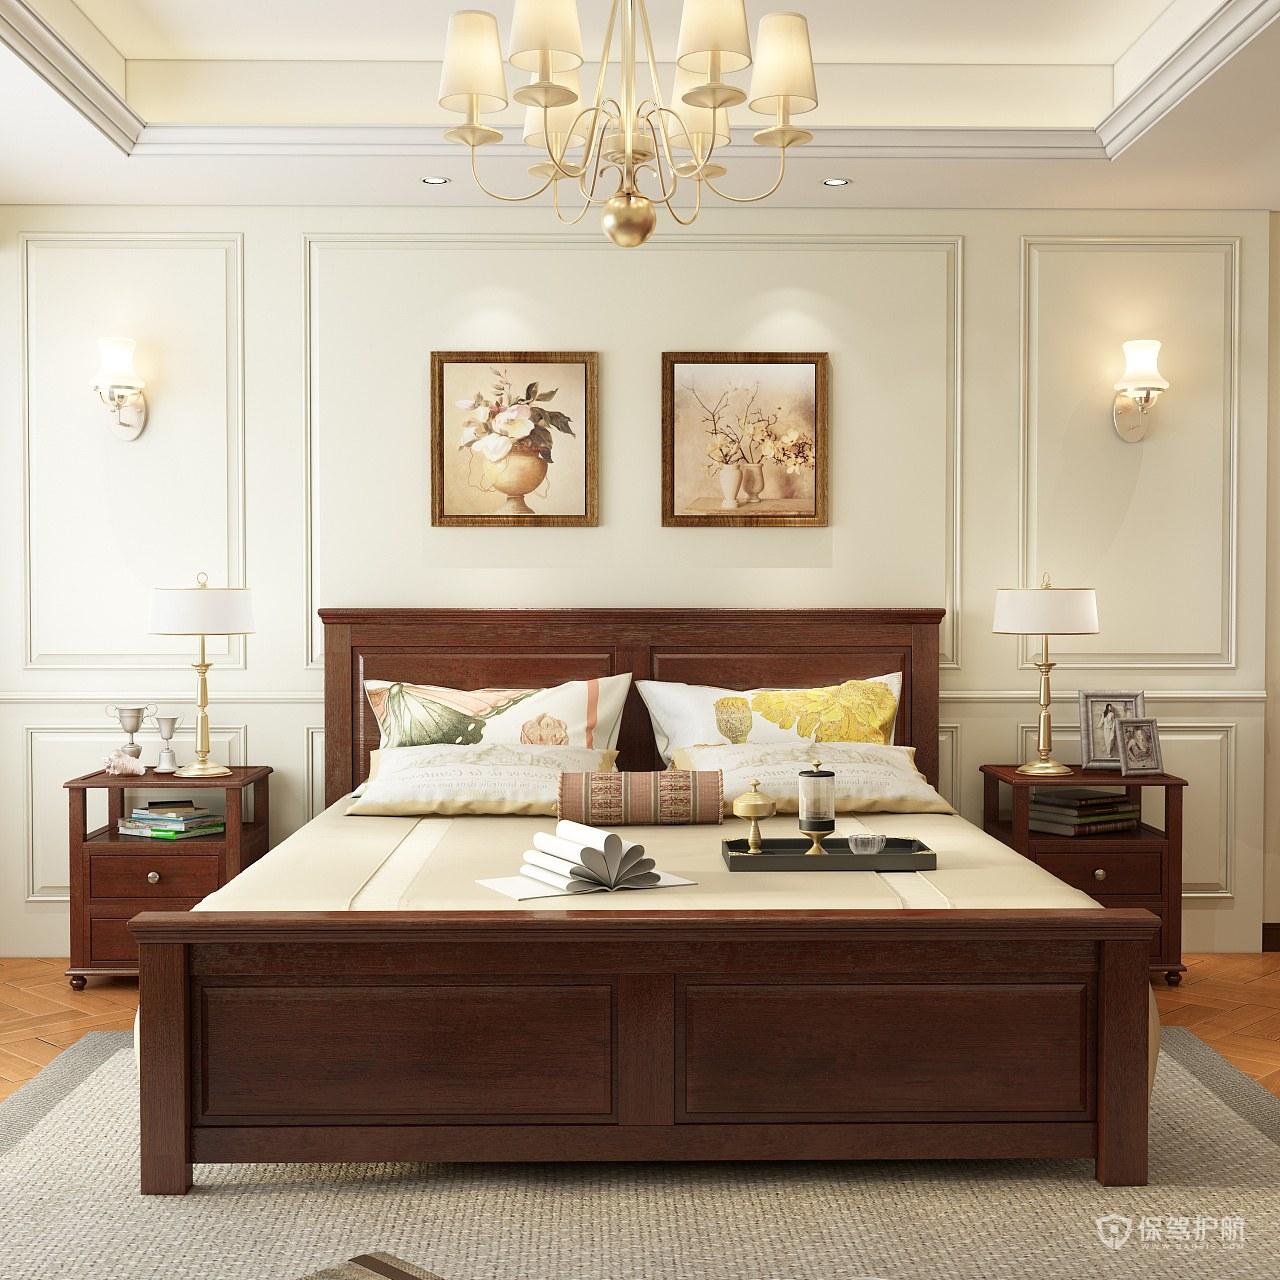 怎么選購滿意的實木床?實木床選購技巧